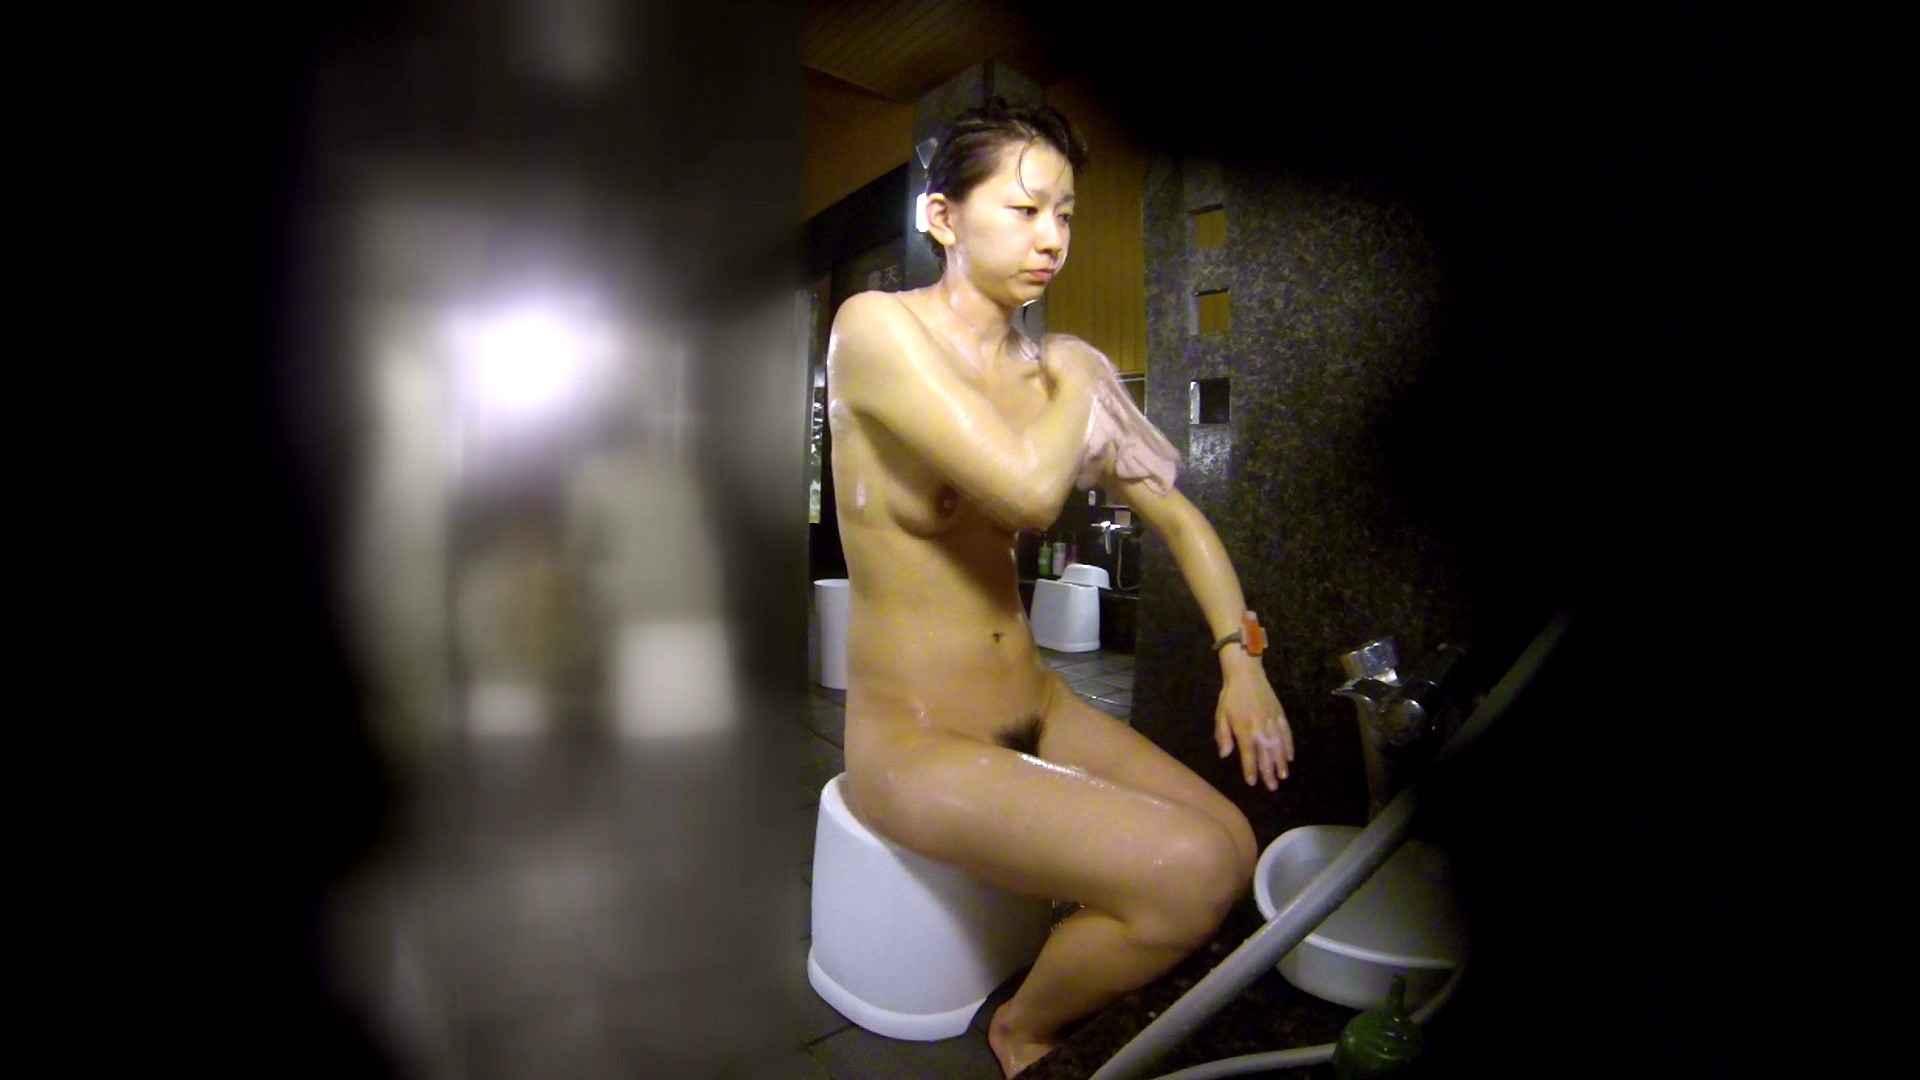 洗い場!綺麗なお女市さんは好きですか? 銭湯  108Pix 57